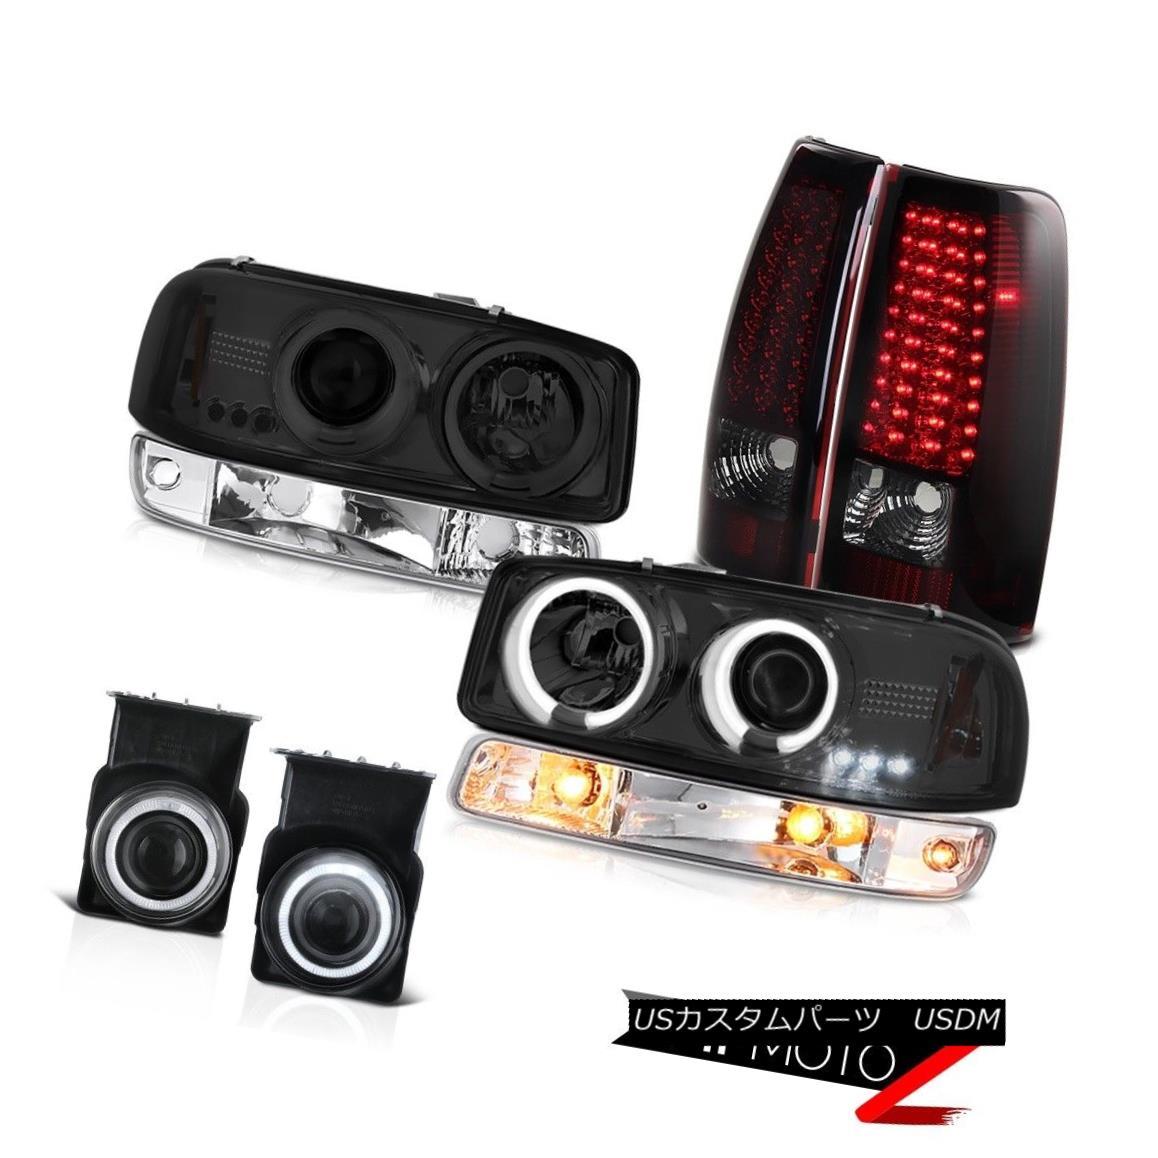 テールライト 03-06 Sierra C3 Chrome fog lamps led tail turn signal smoked ccfl Headlights 03-06シエラC3クロームフォグランプは、テールのターンシグナルをスモークccflヘッドライト